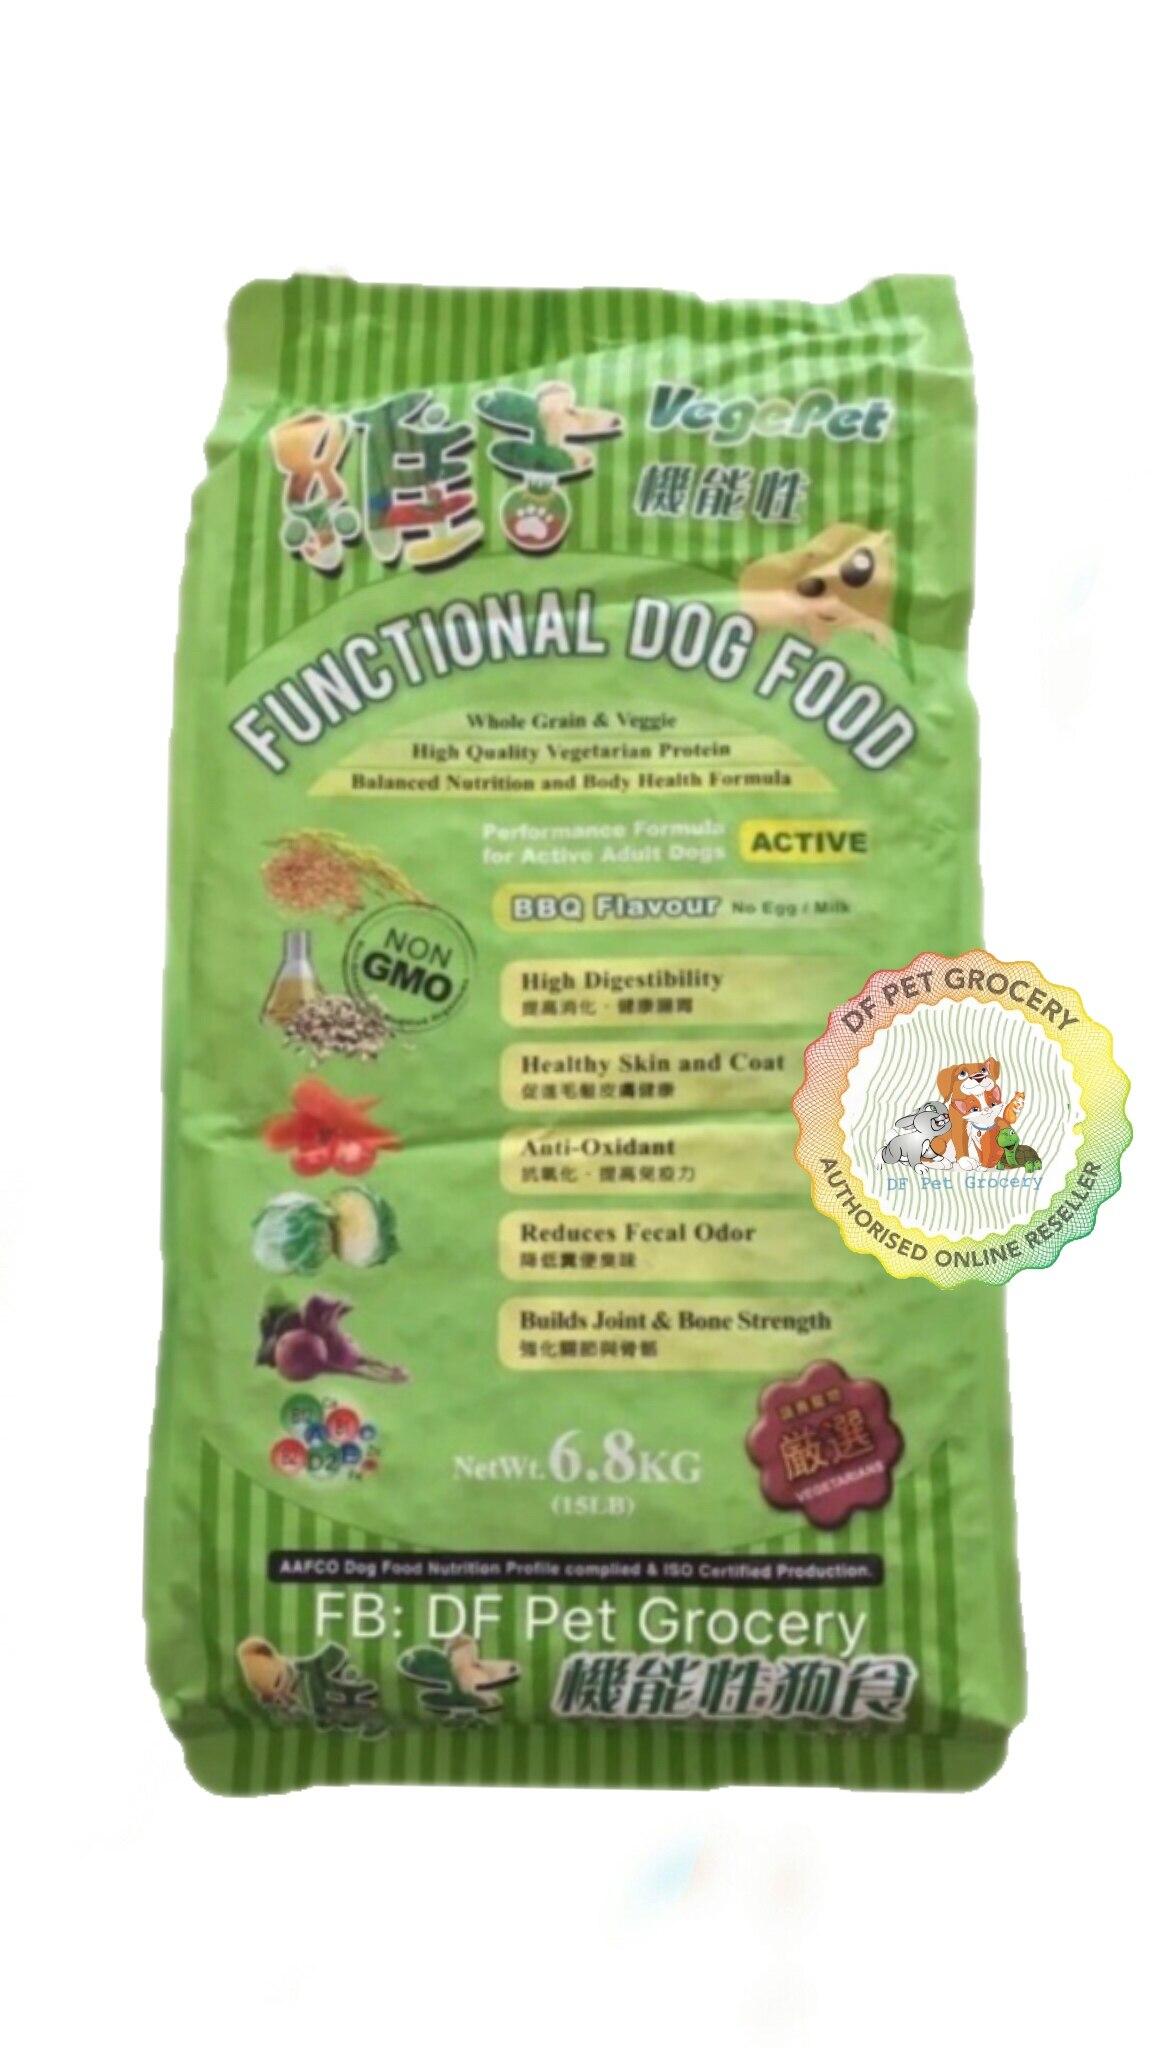 VegePet Adult  (BBQ Flavour) 6.8kg- Performance Formula Vegetarian Dog Food